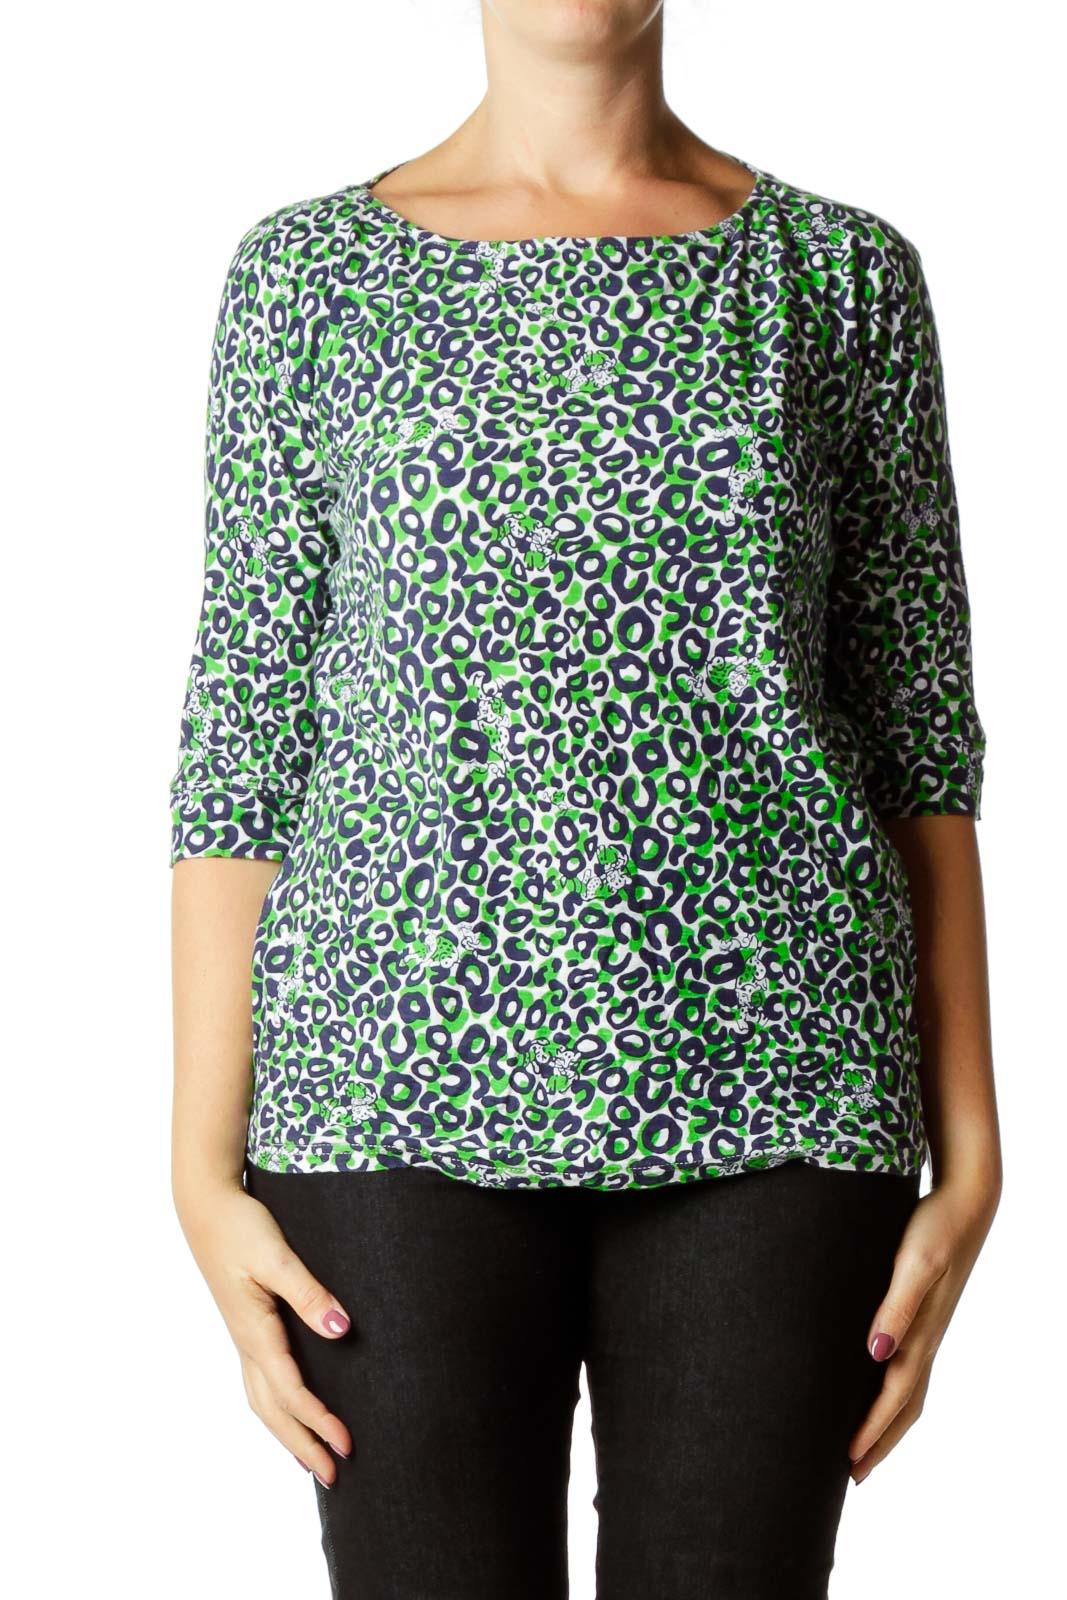 Green Blue Cheetah Print Top